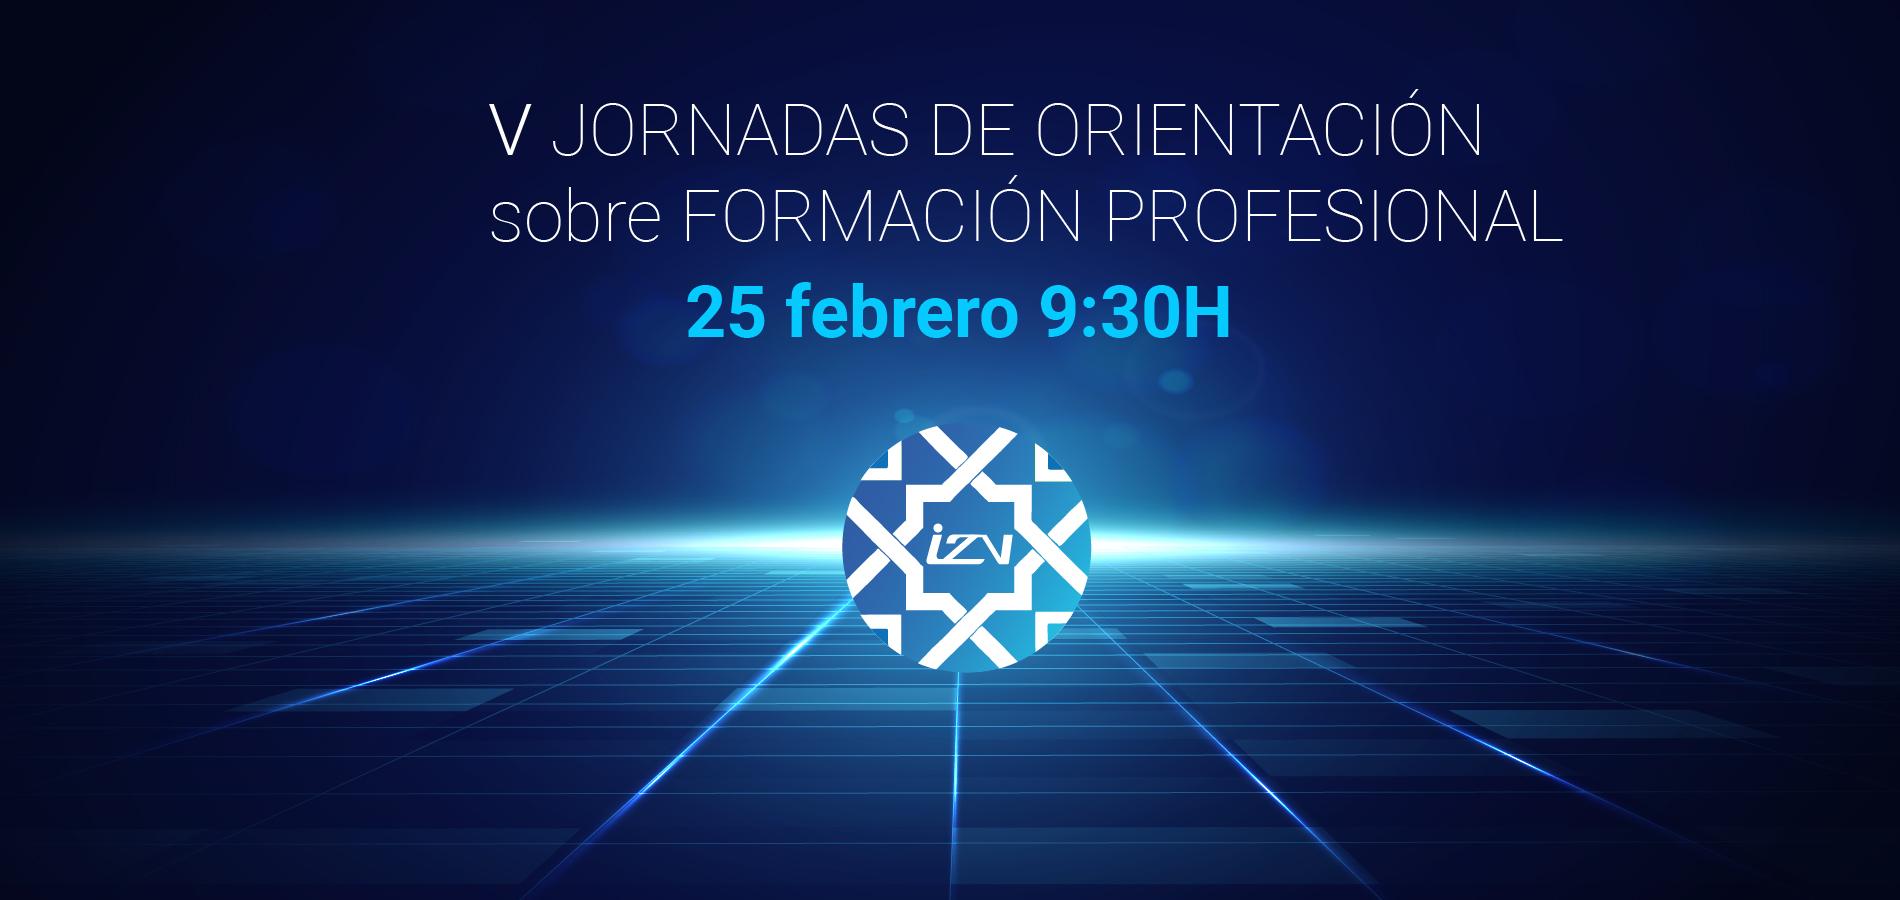 V Jornadas de Orientación sobre Formación Profesional